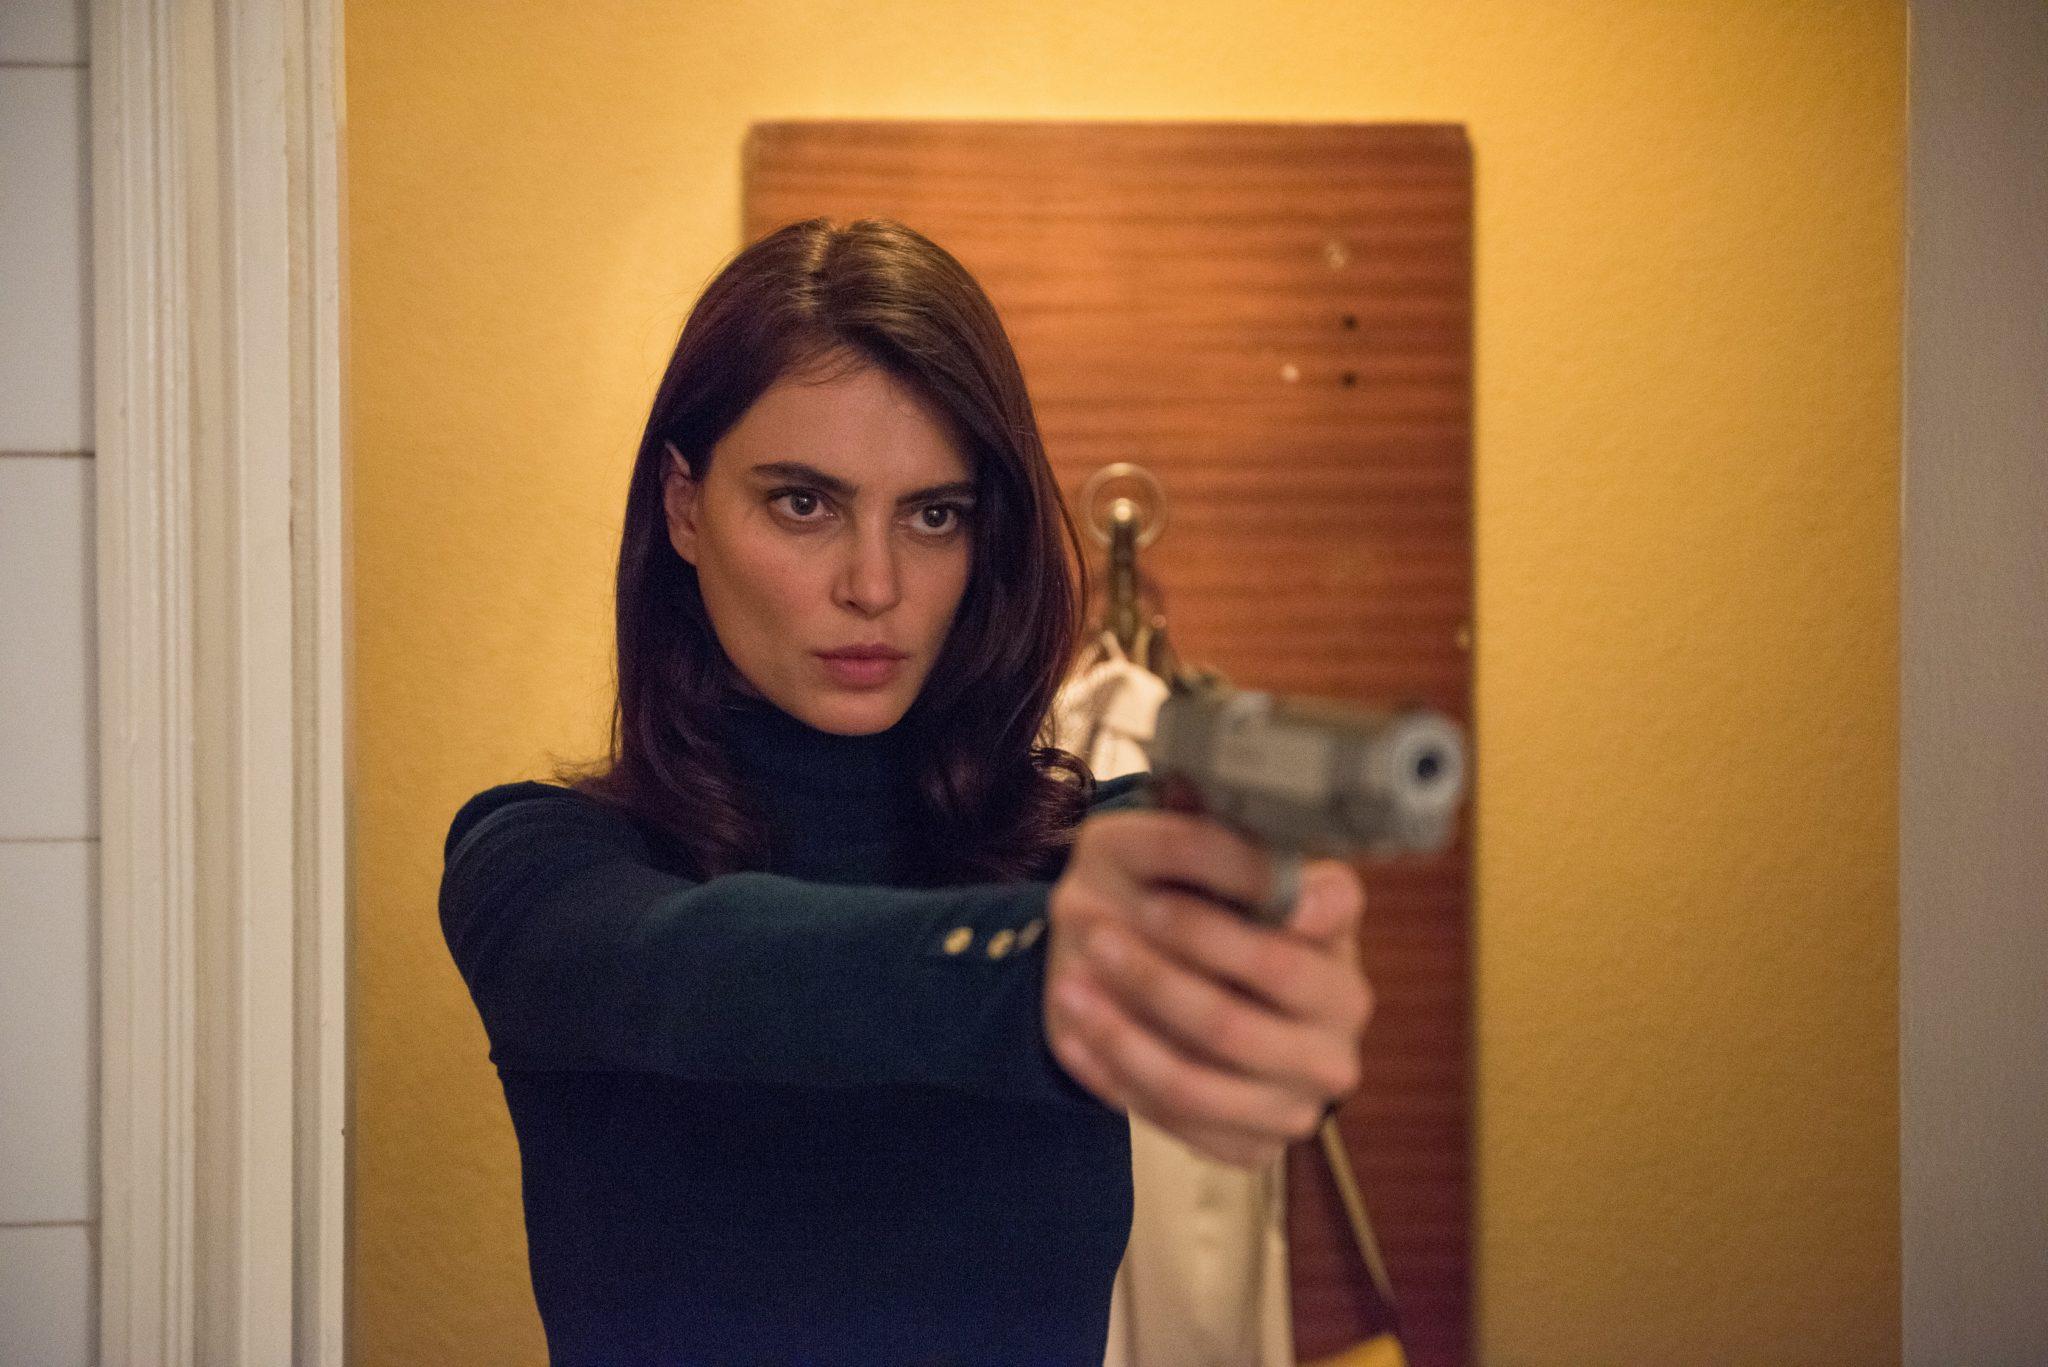 Gilda steht in einem gelben Hotelzimmer und visiert mit einer Pistole jemanden außerhalb des Bildbereichs an. Nicht zuletzt ihr bestimmter Gesichtsausdruck zeigt: Sie ist die Femme fatale in La Gomera.